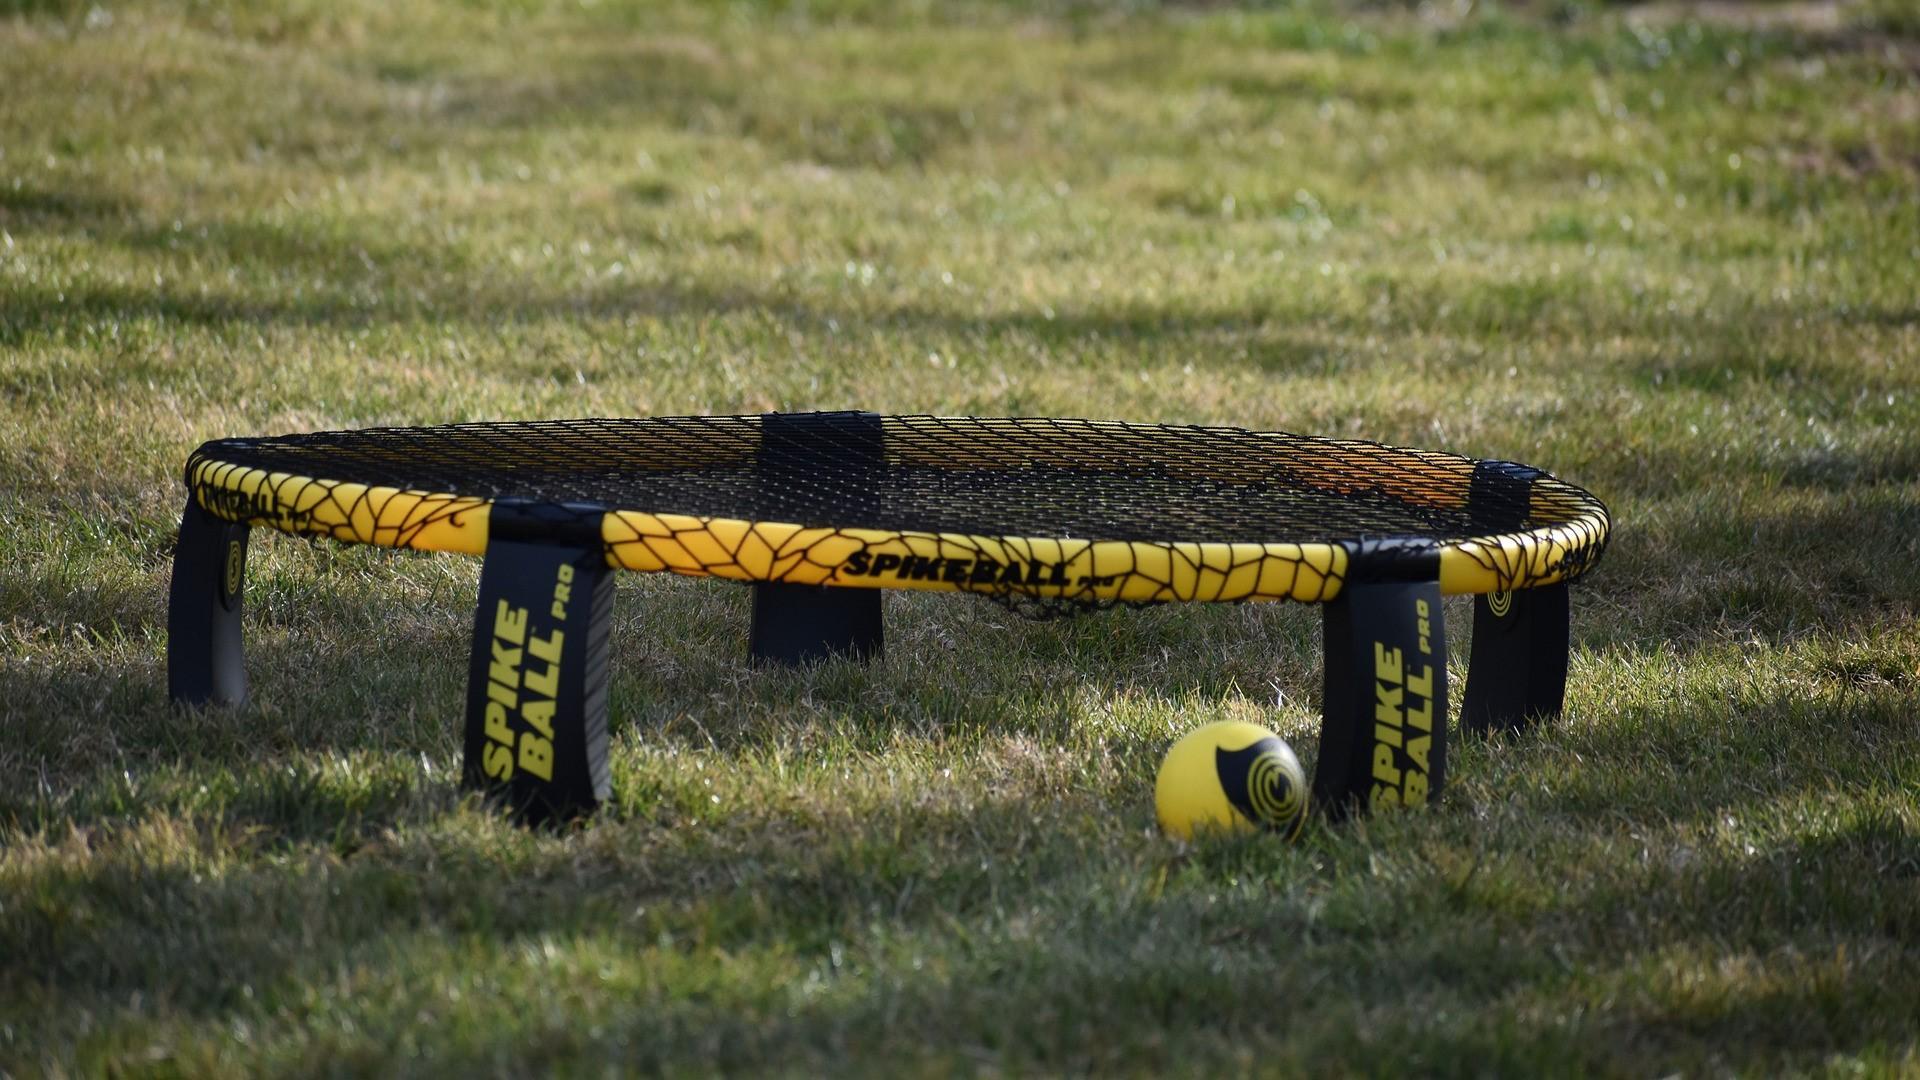 Um den maximalen Spielspaß bei Spikeball zu erhalten, sollte das Netz richtig gespannt sein.